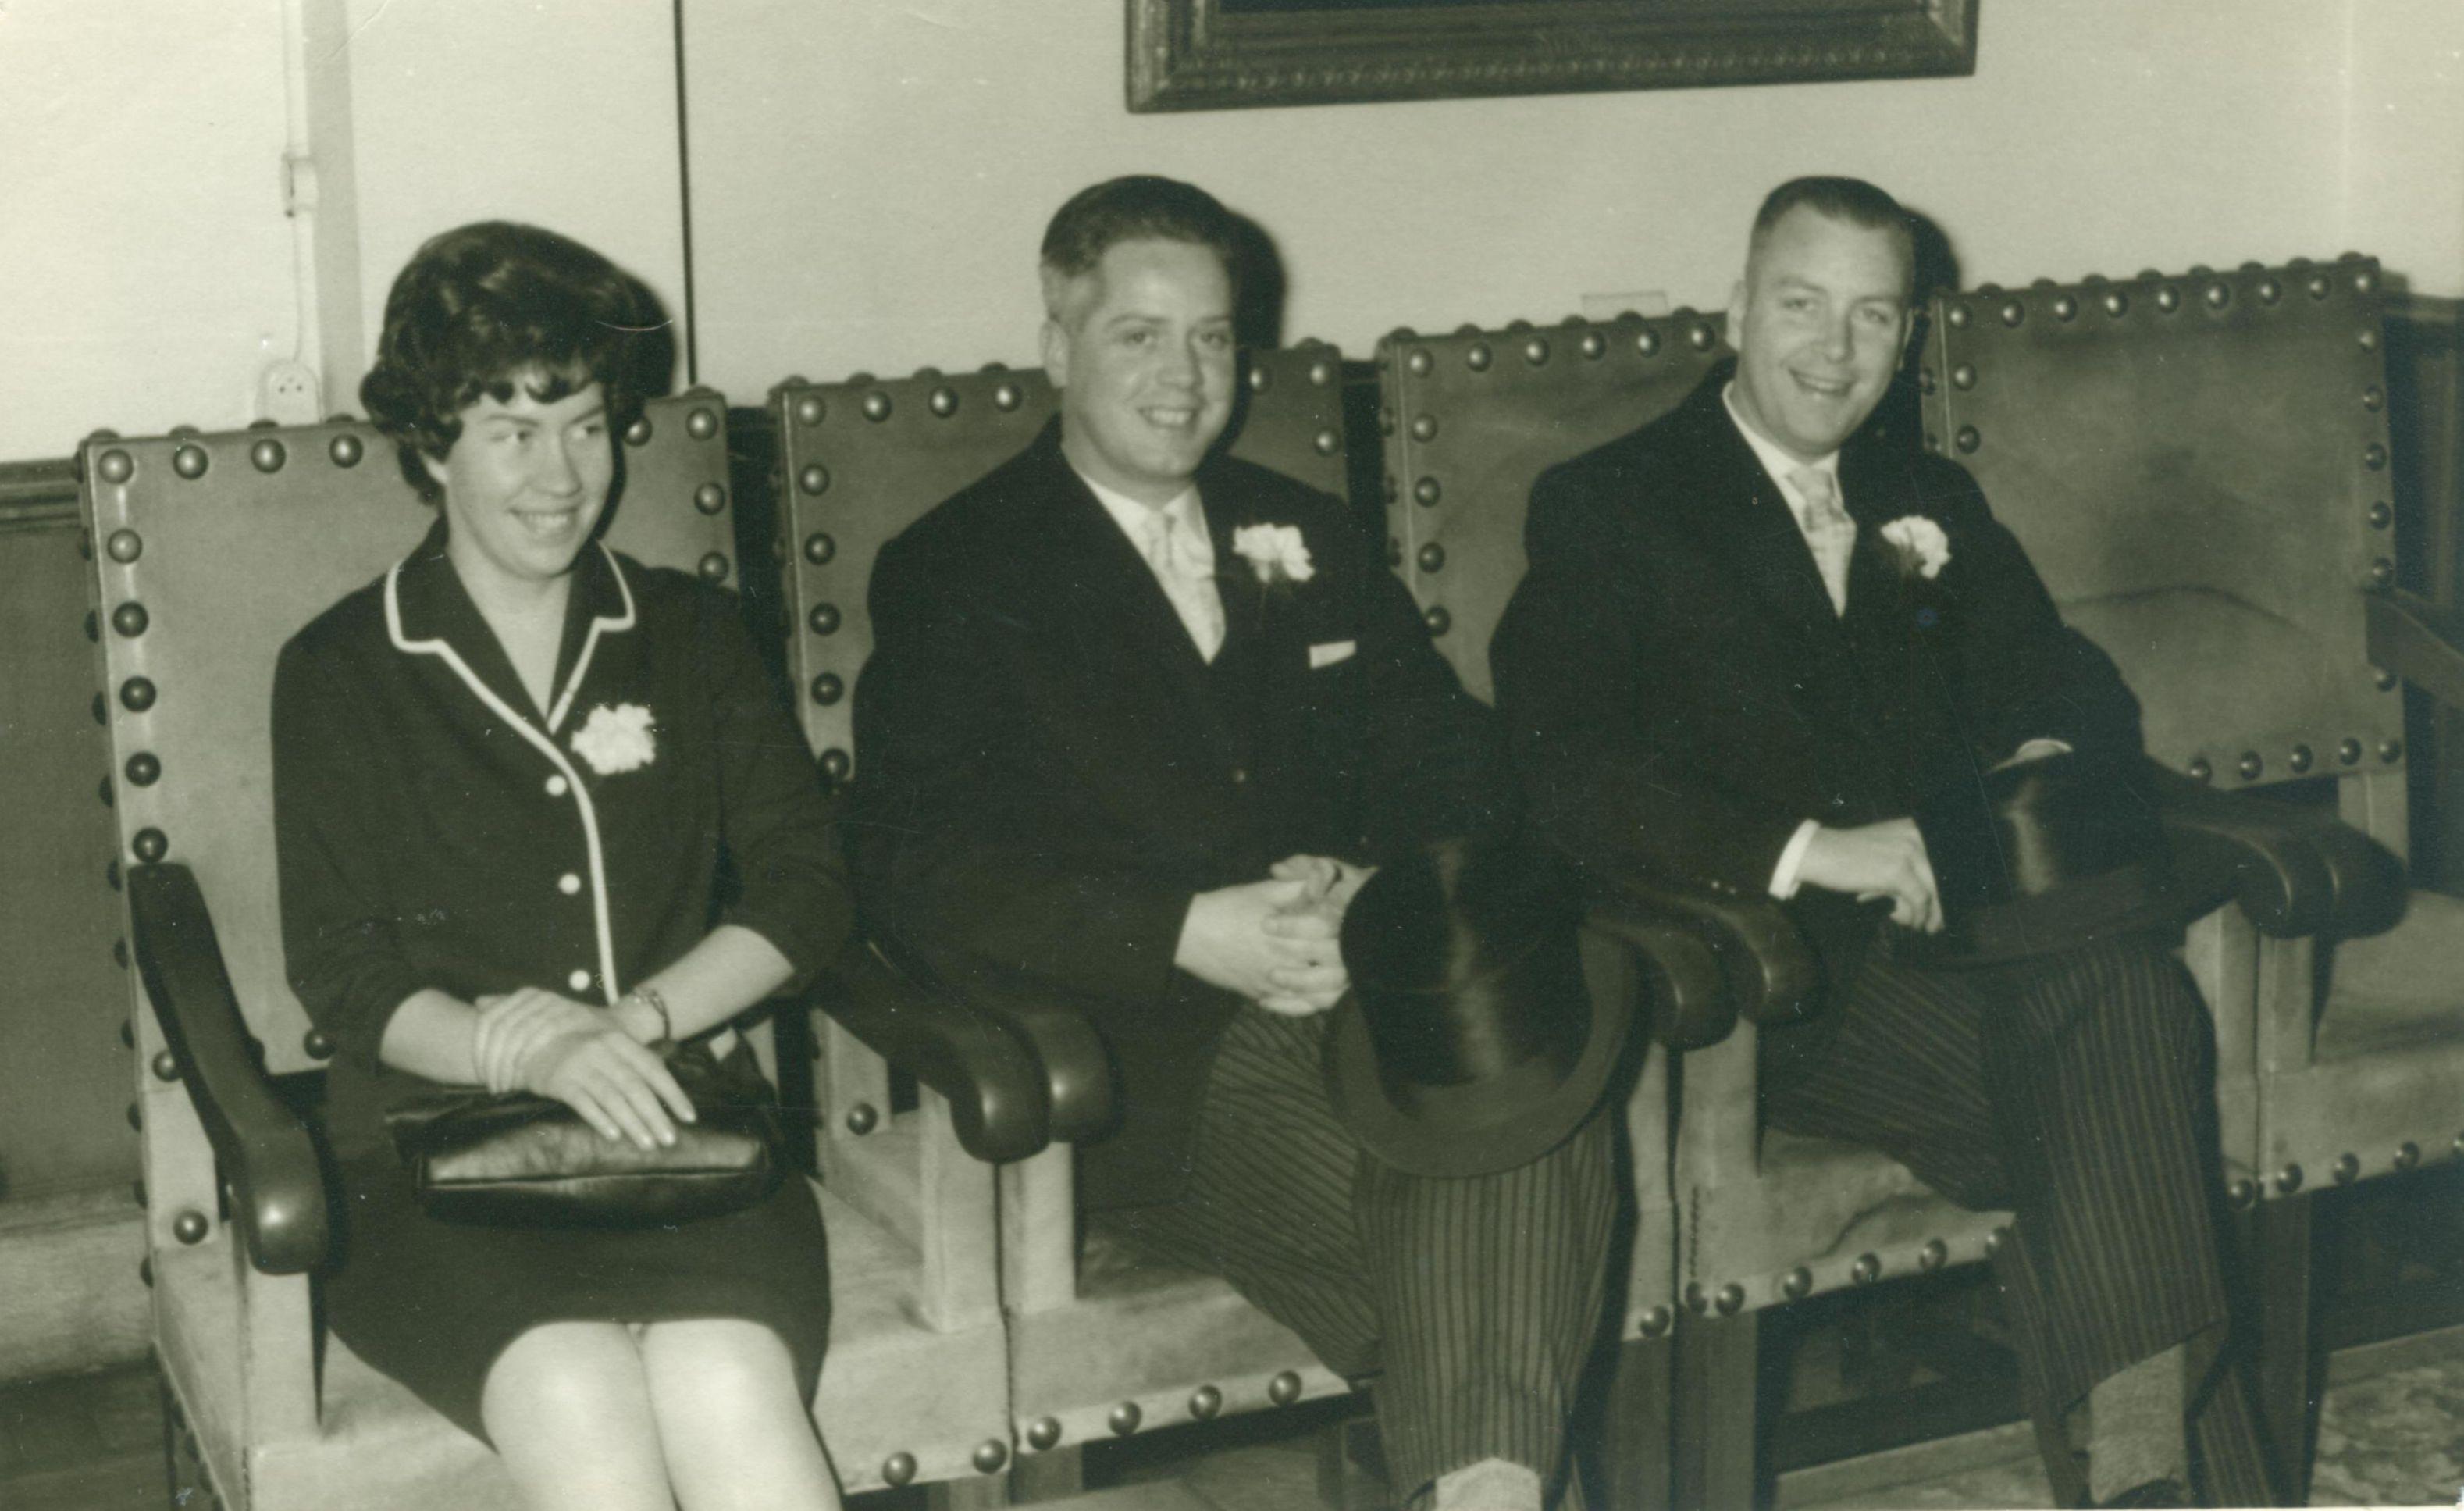 Maria Geertruida Brouwer, Jillis Adrianus Brouwer (1926-1977), Johannes Pieter Brouwer (1929-2012)